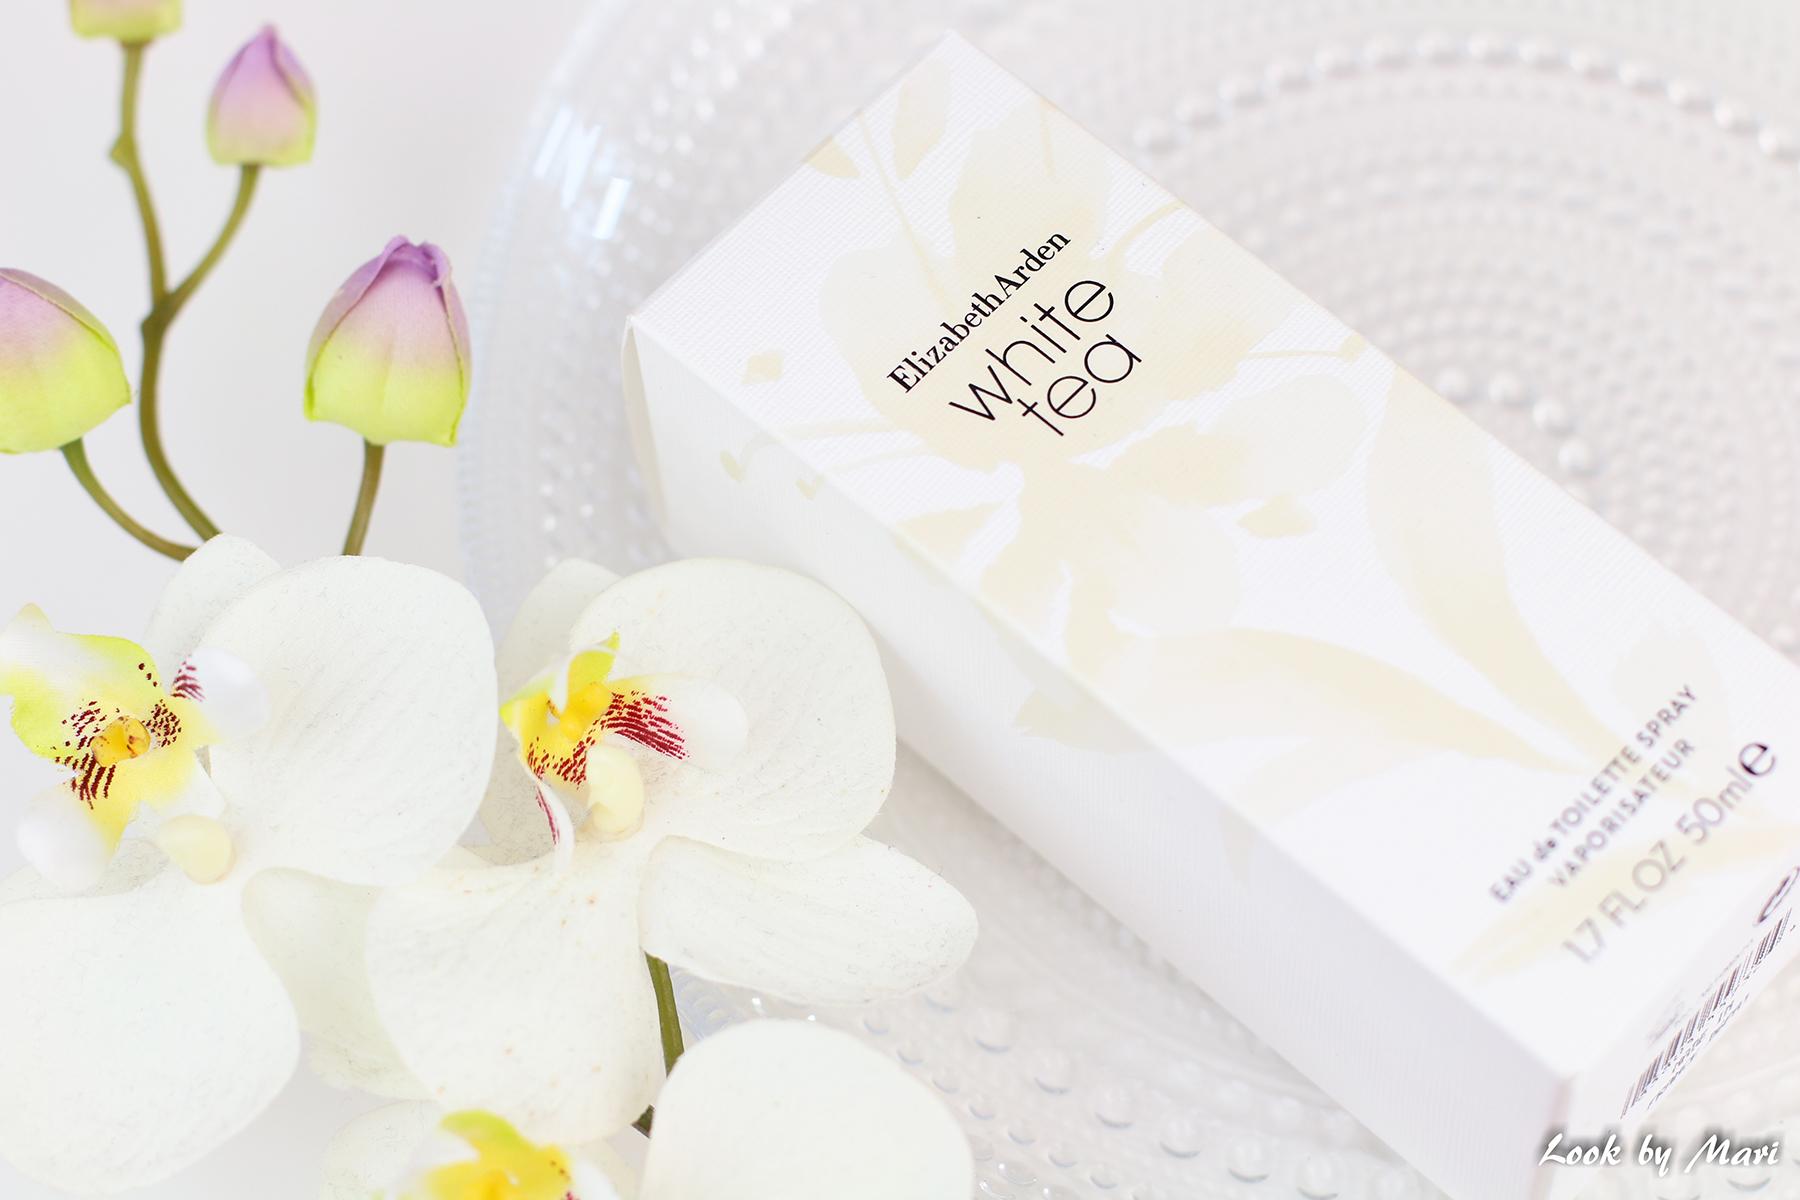 2 elizabeth arden parhaat tuotteet meikit hajuvedet kokemuksia makea blogi